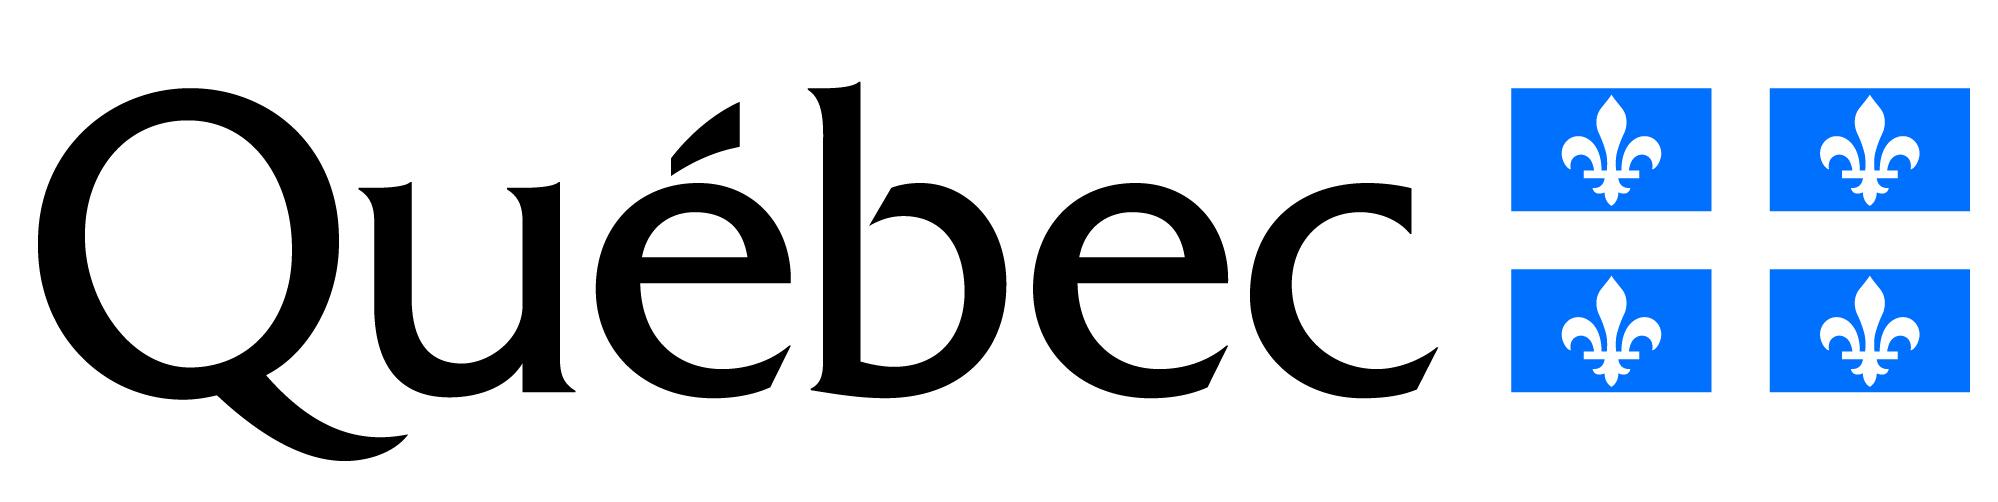 quebec-drapeau